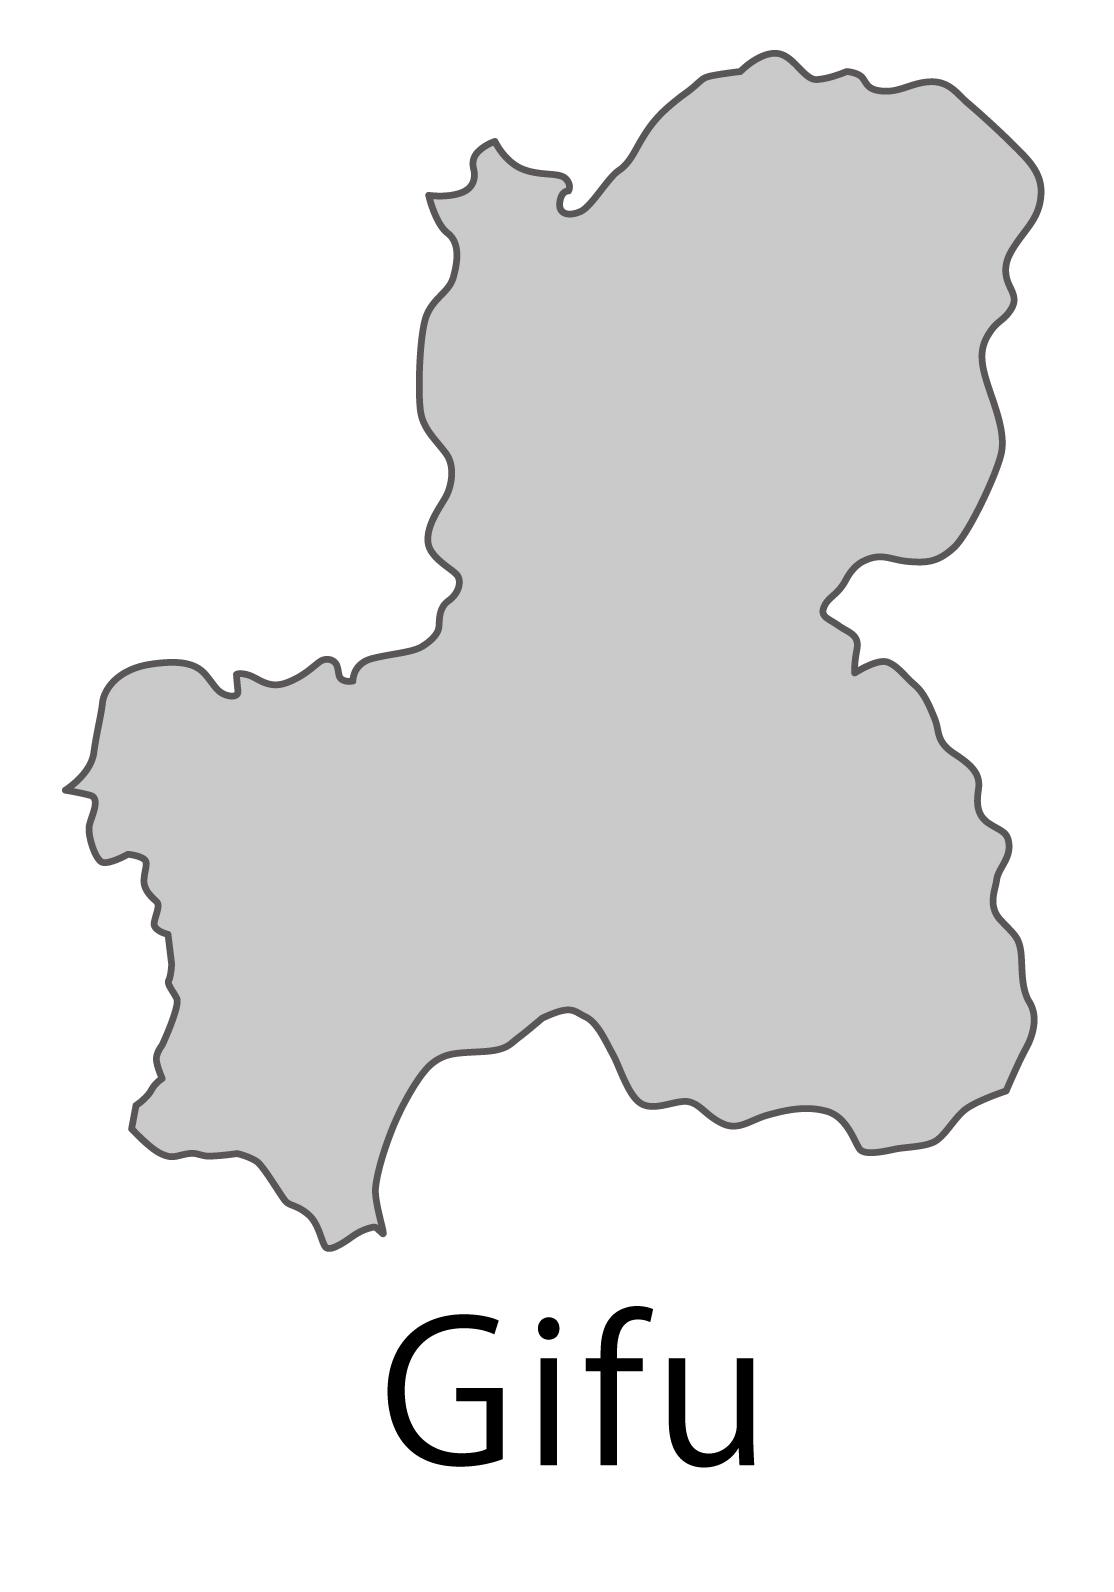 岐阜県無料フリーイラスト|英語・都道府県名あり(グレー)